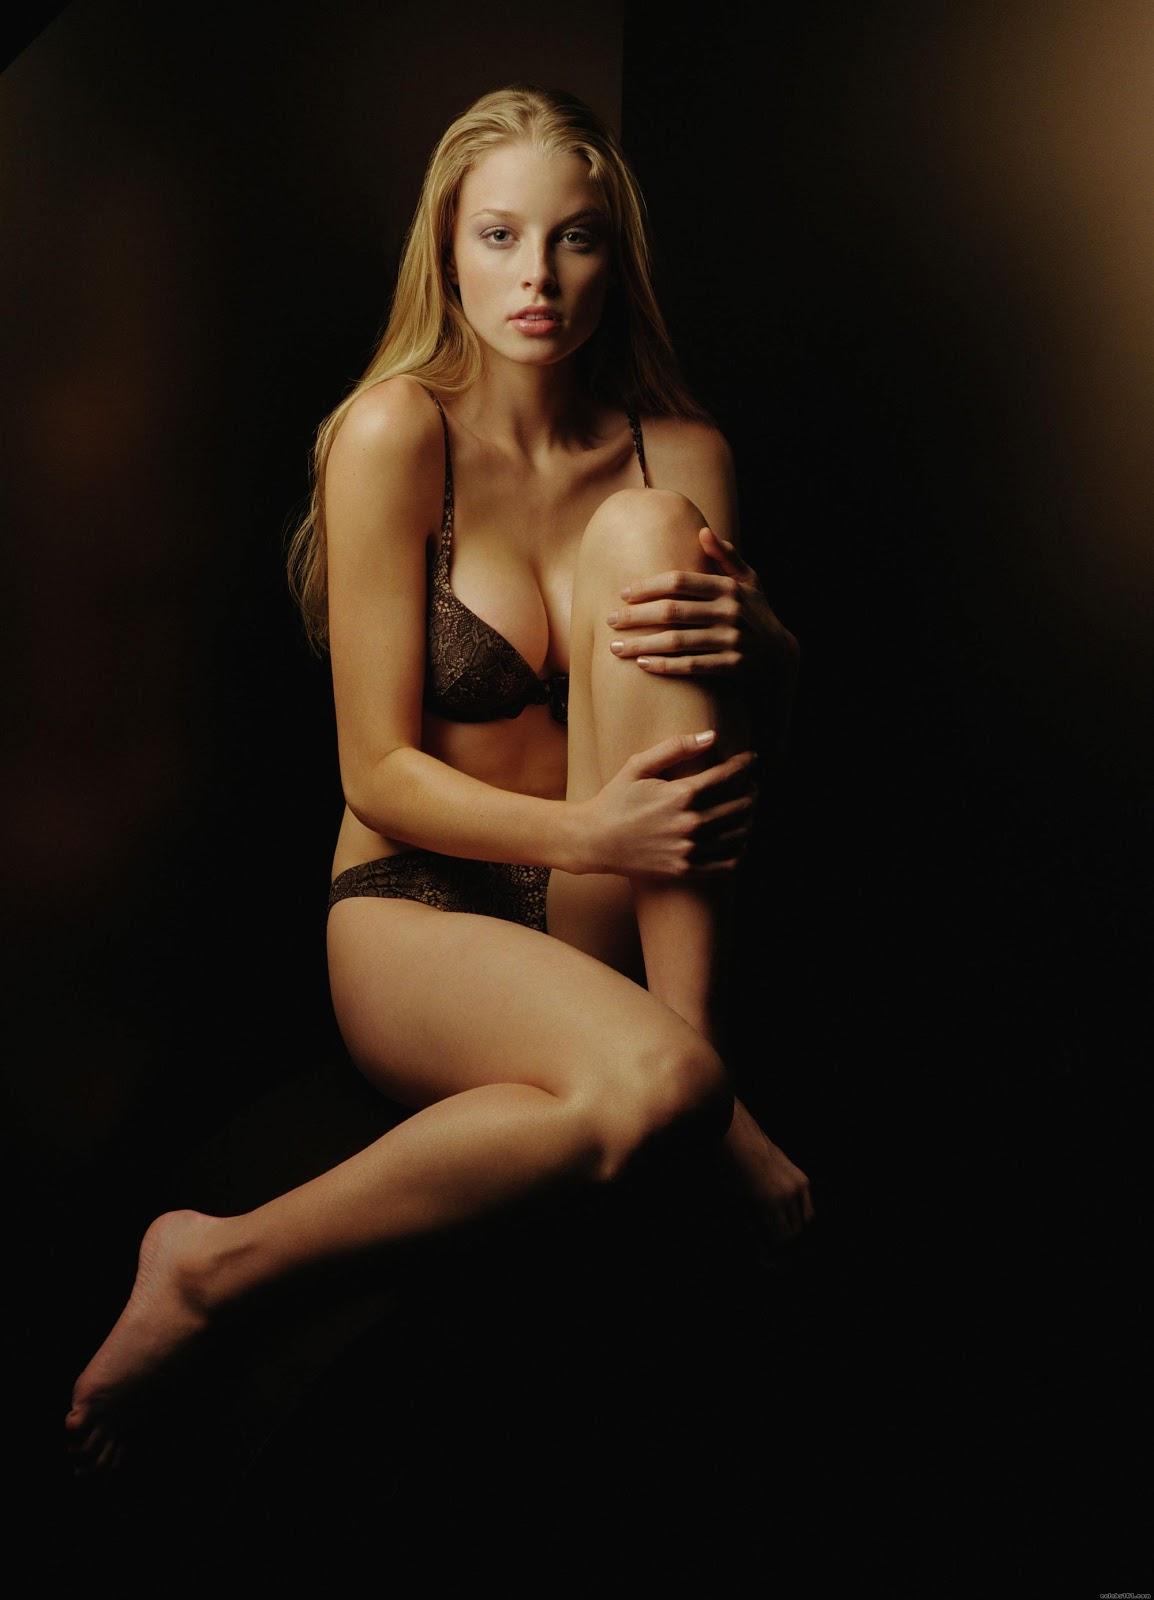 Are actress rachel nichols hot